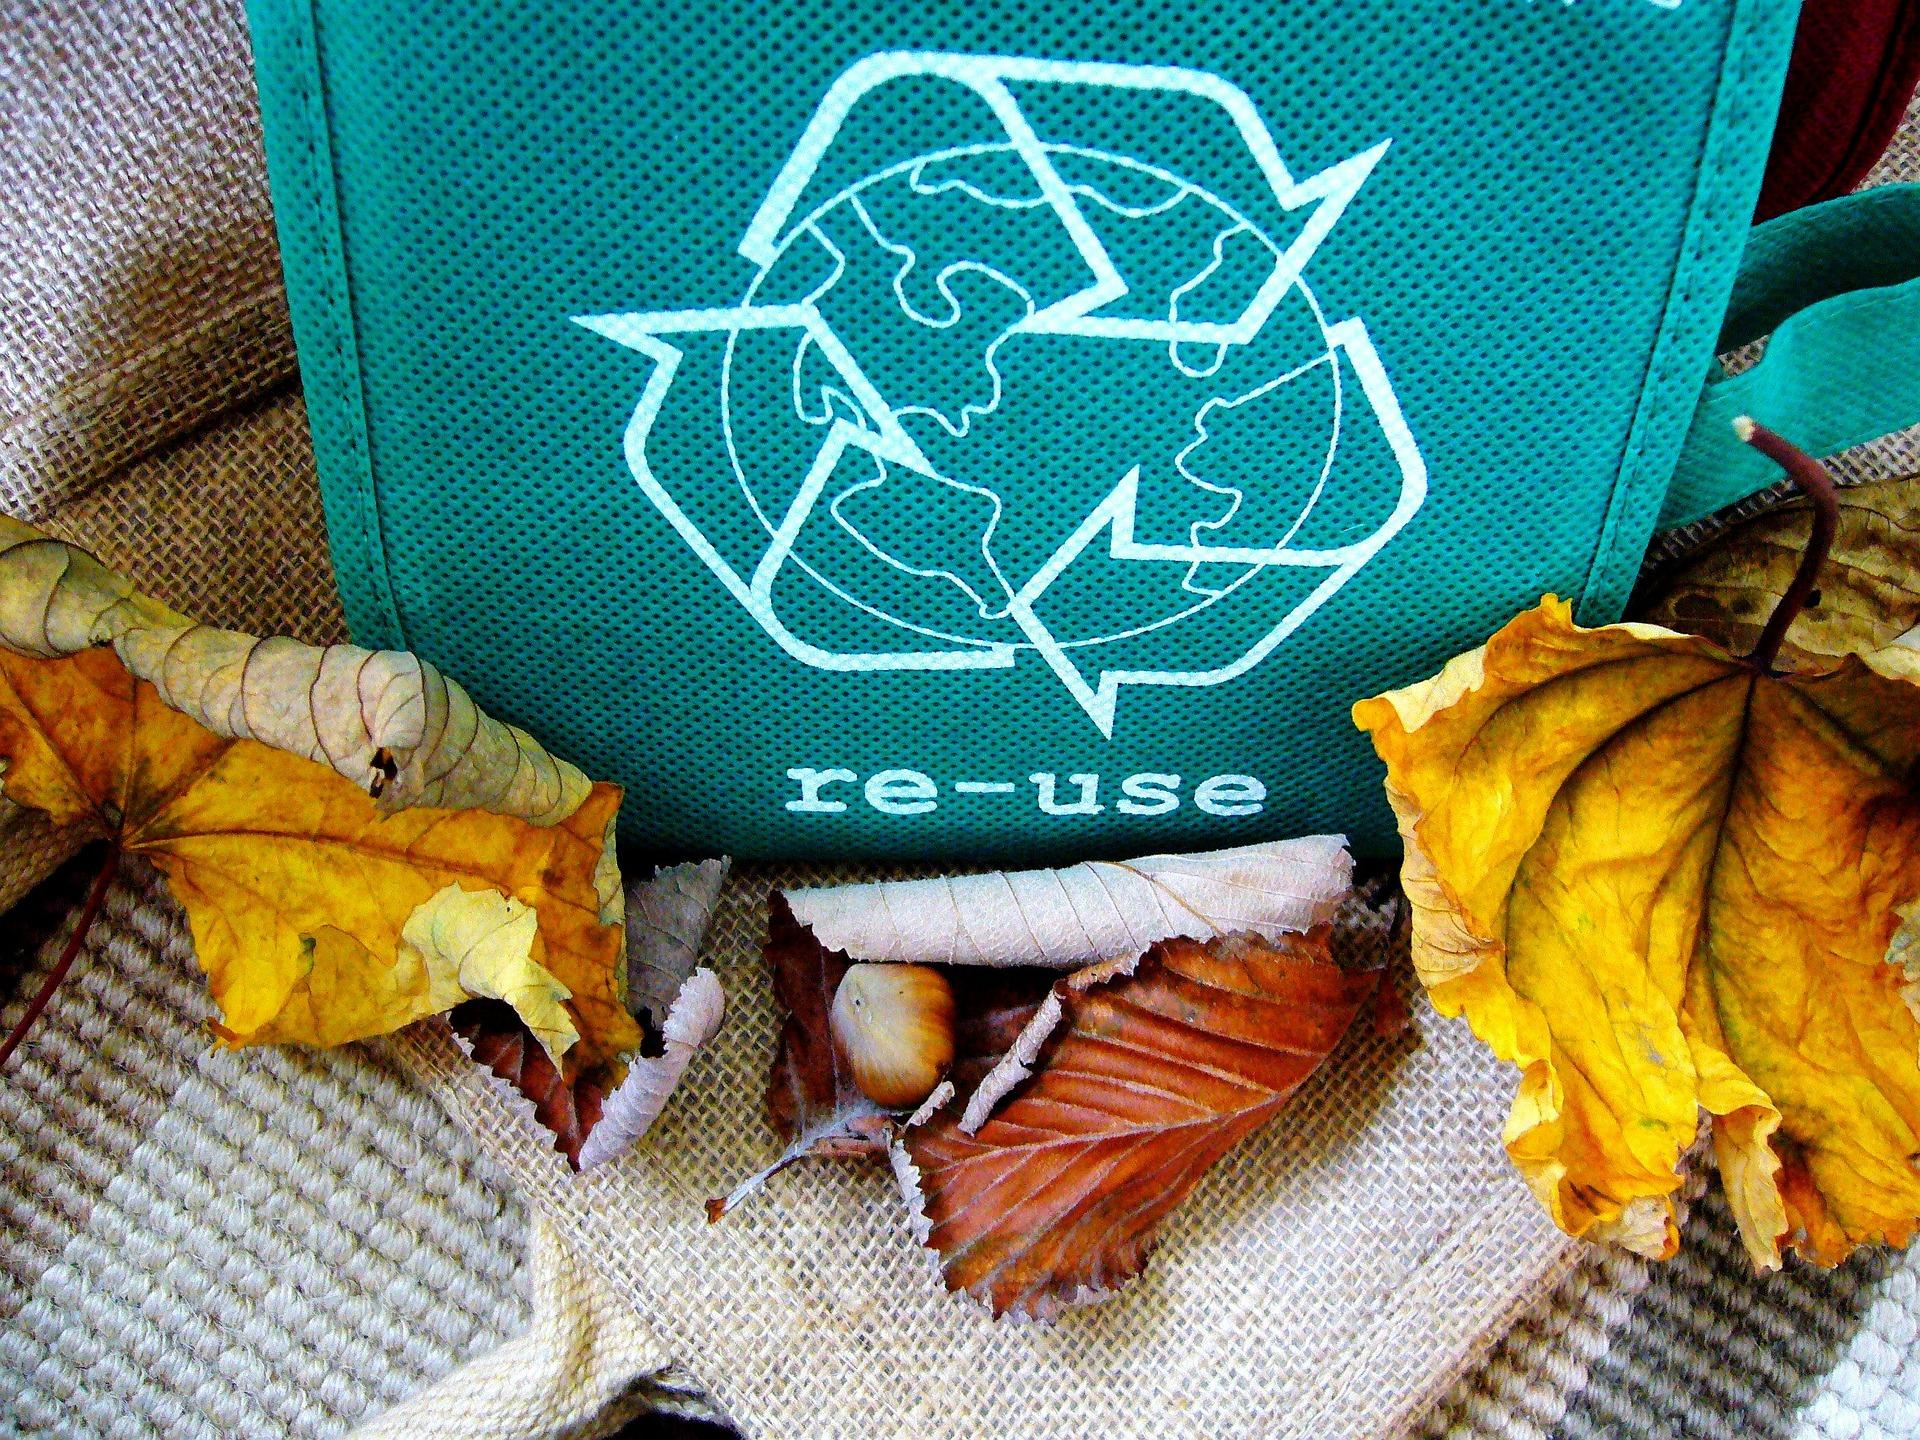 recycle-57136_1920_1556051983149.jpg